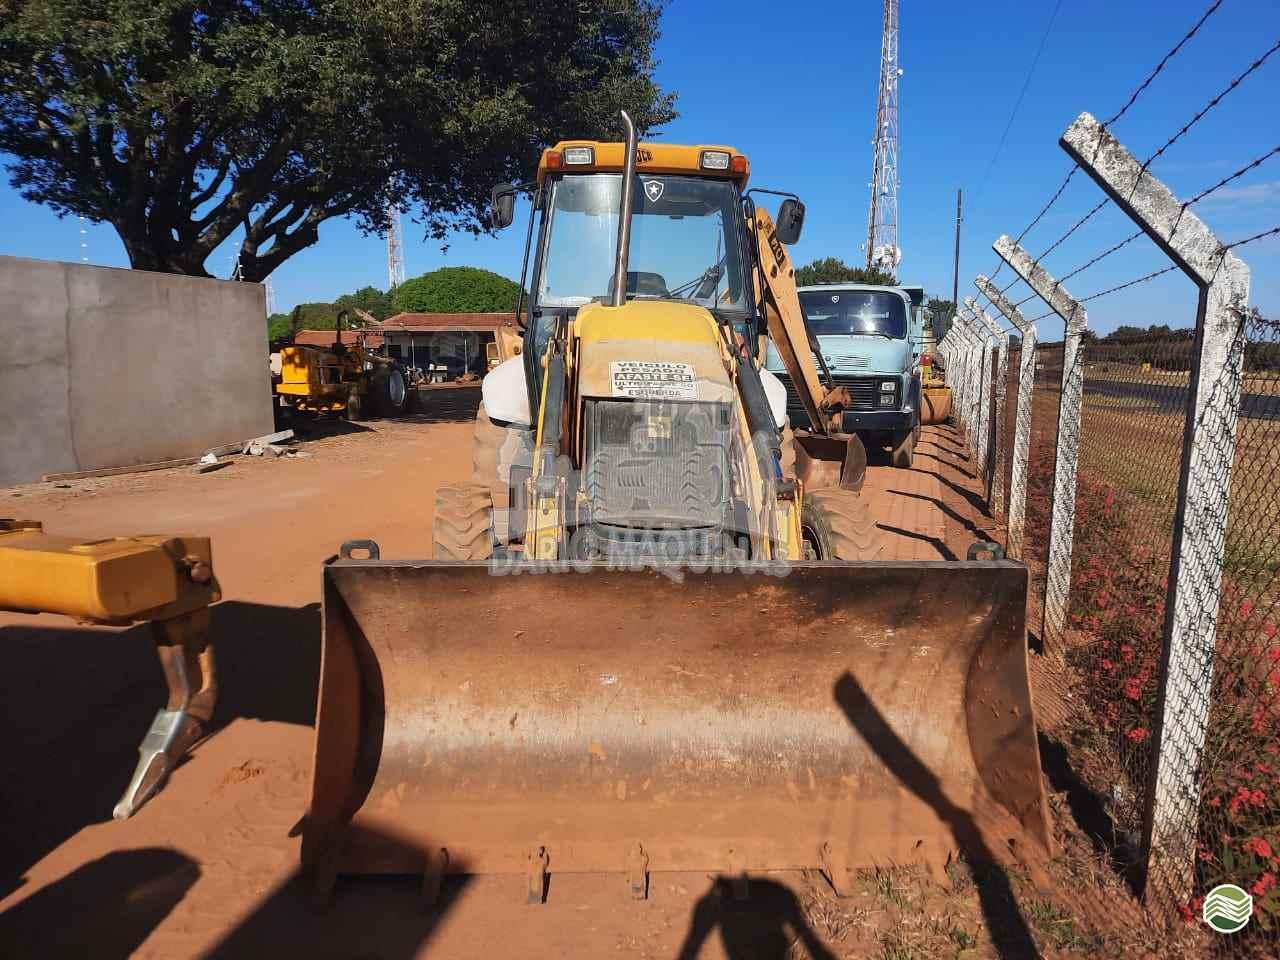 RETRO ESCAVADEIRA JCB 3C Tração 4x2 Dario Máquinas RIBEIRAO PRETO SÃO PAULO SP